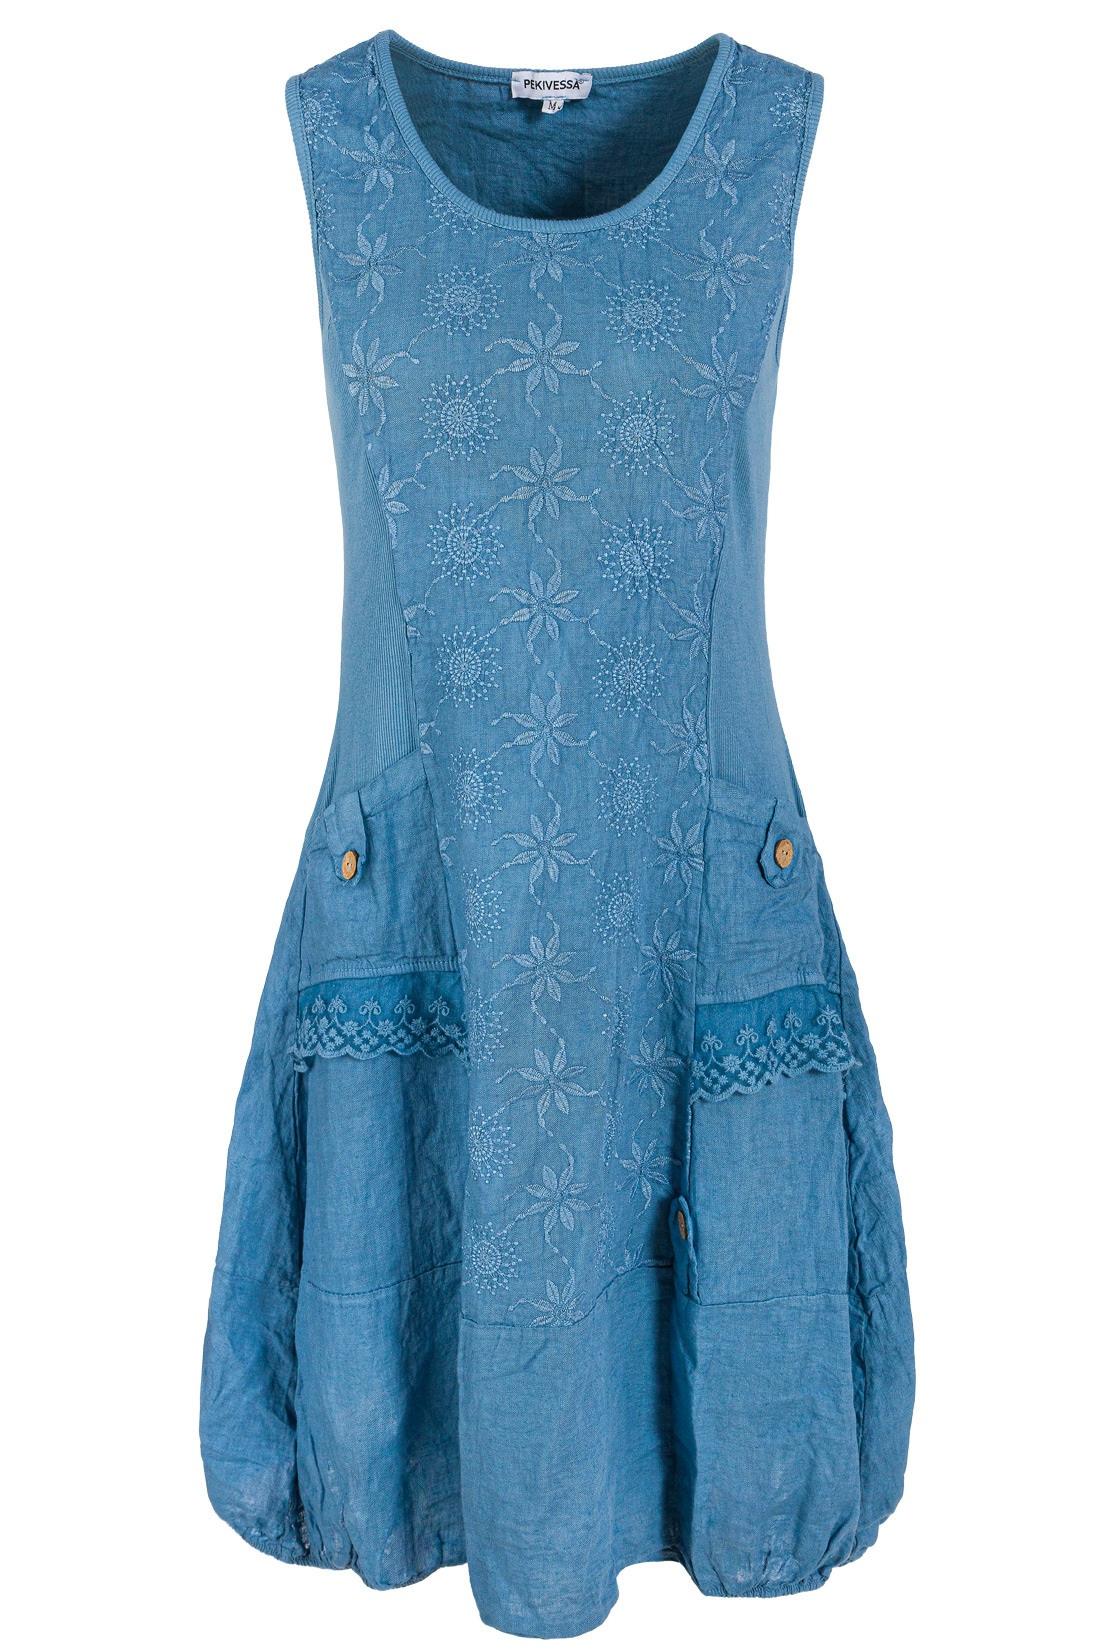 Leinenkleid Damen Mit Stickerei Sommer Knielang Jeansblau 44